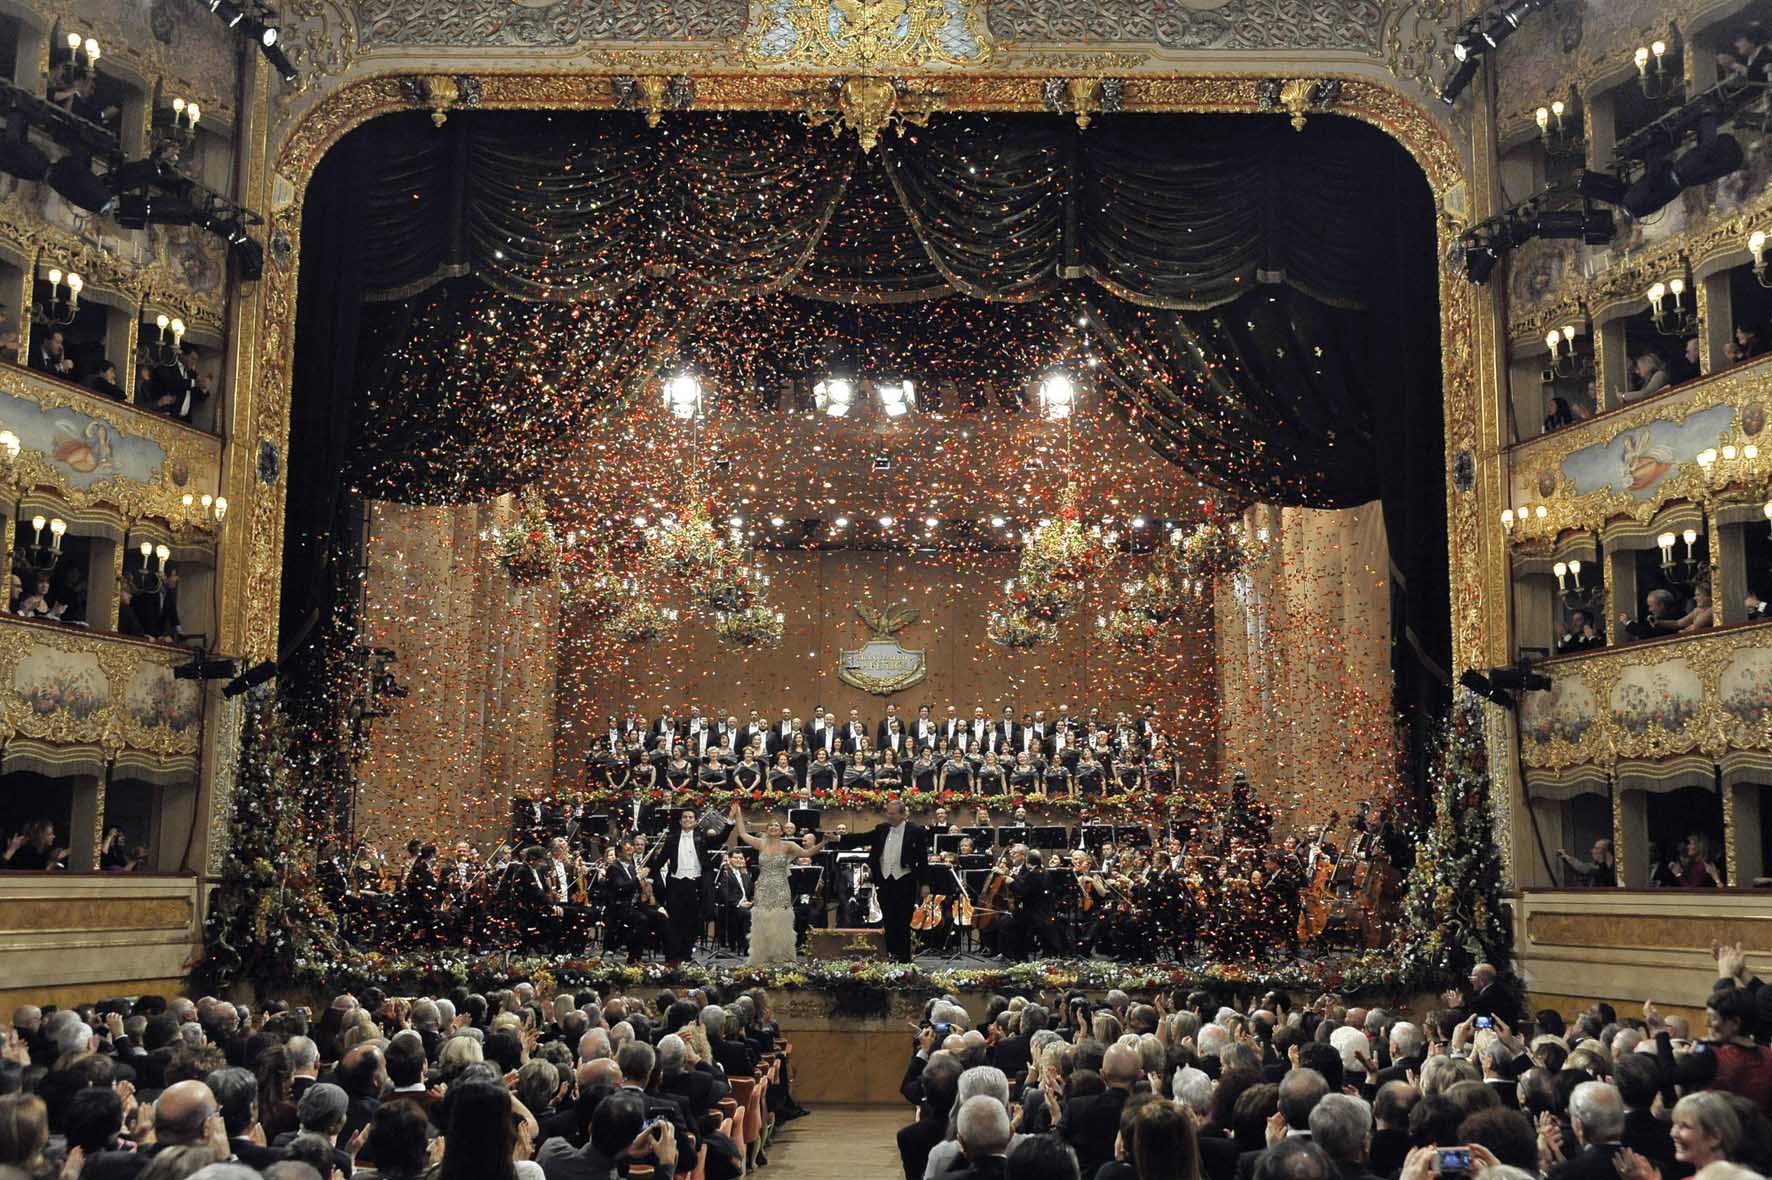 Teatro-la-fenice-venezia-Concerto di Capodanno-ilnordest-quotidiano 1